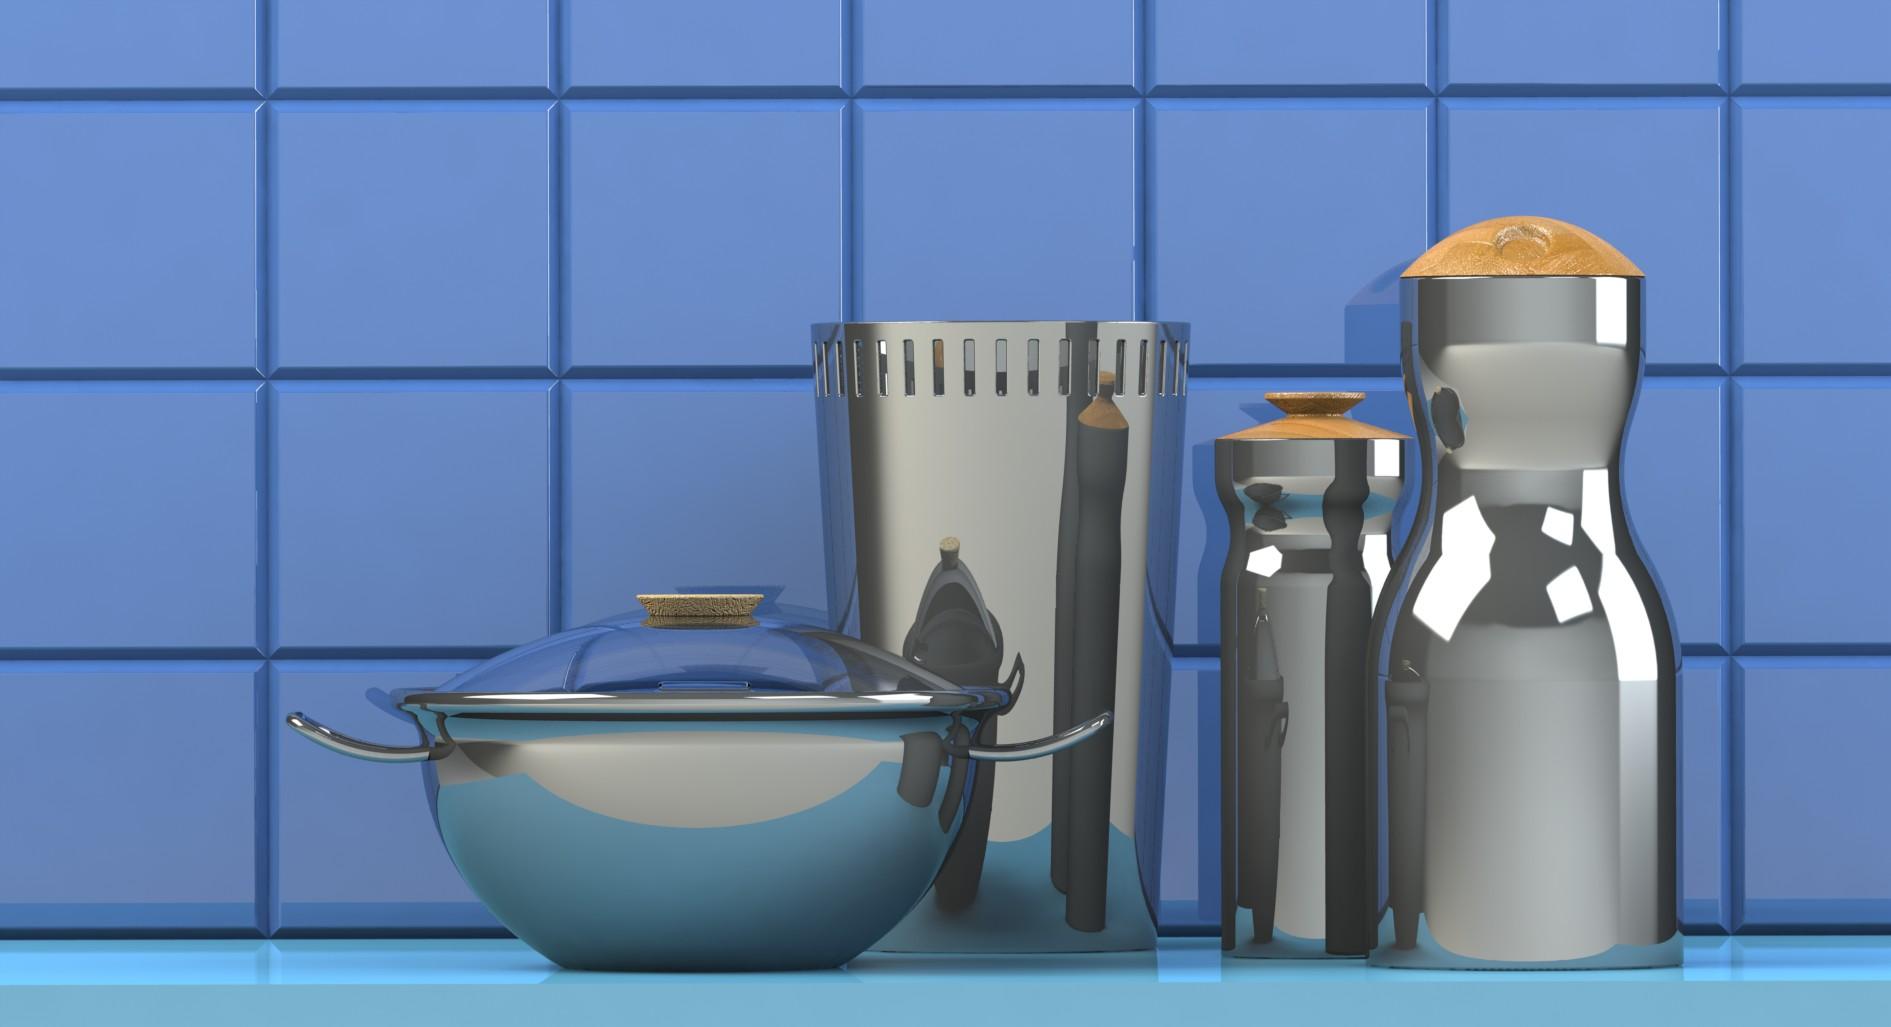 rp-week6-kitchen1-3.JPG